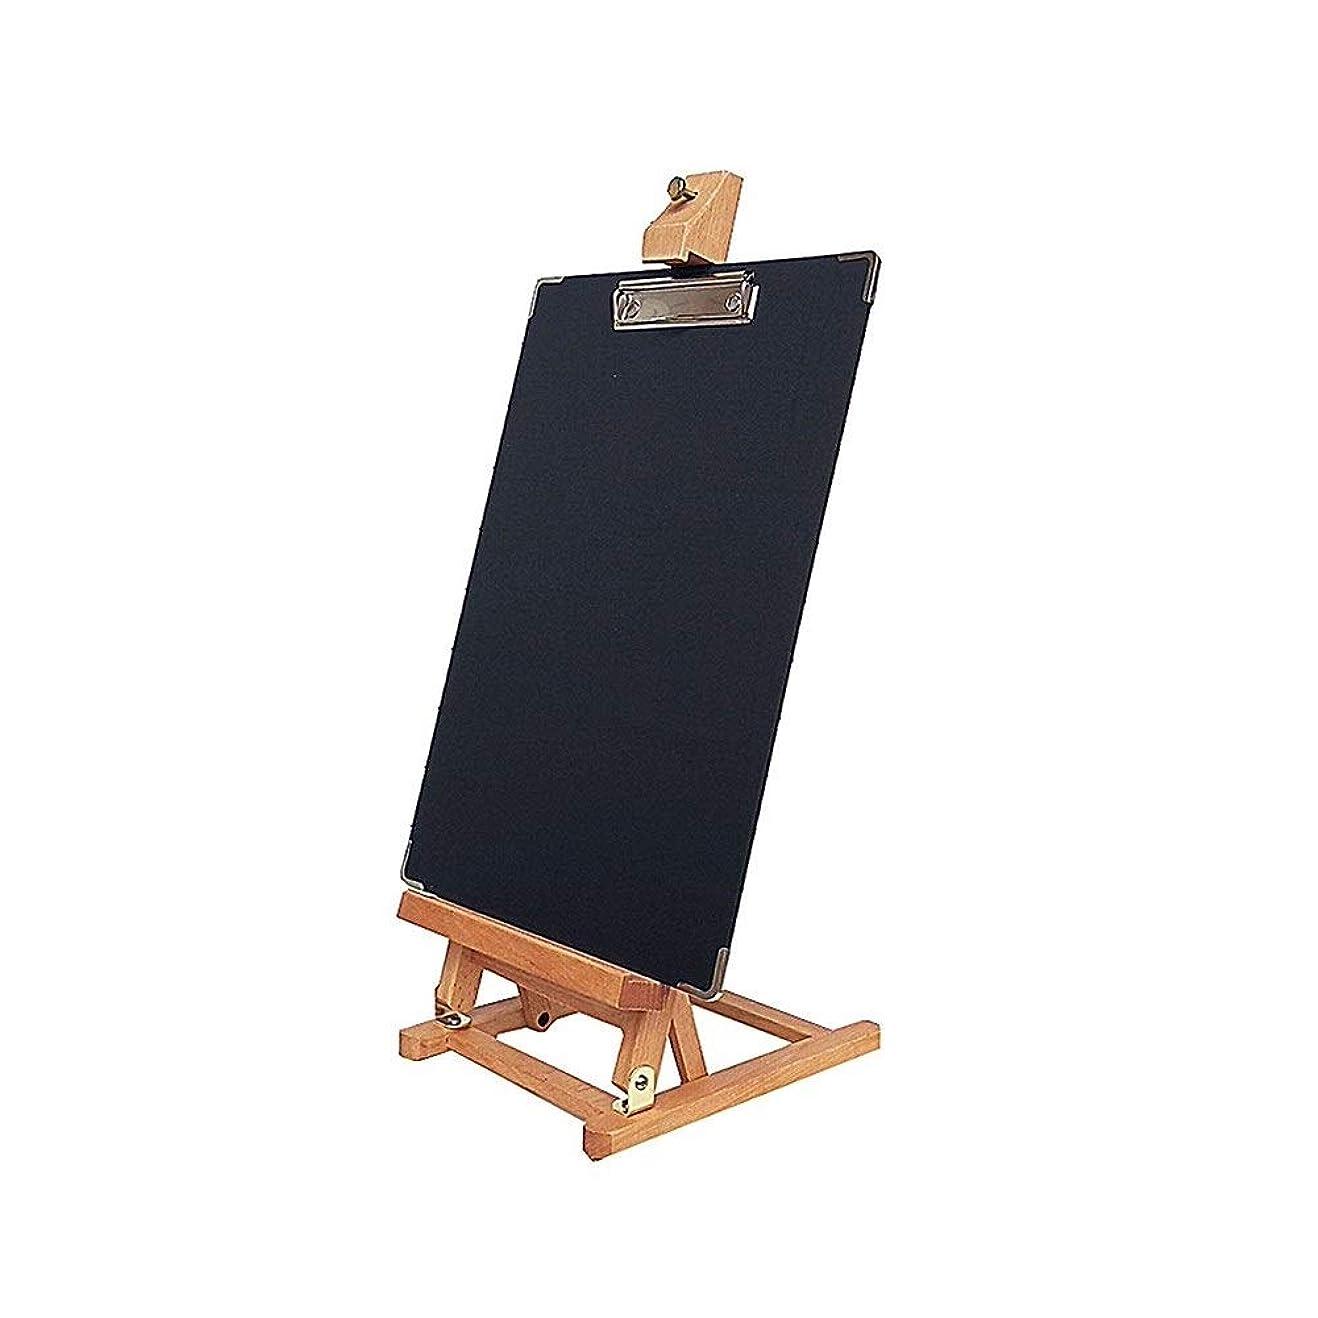 ソート祝う追加アーティストイーゼル、スケッチデスクトップオイルイーゼルブナ、木のテーブルトップイーゼルディスプレイイーゼル子供の絵画イーゼル M/20/07/30